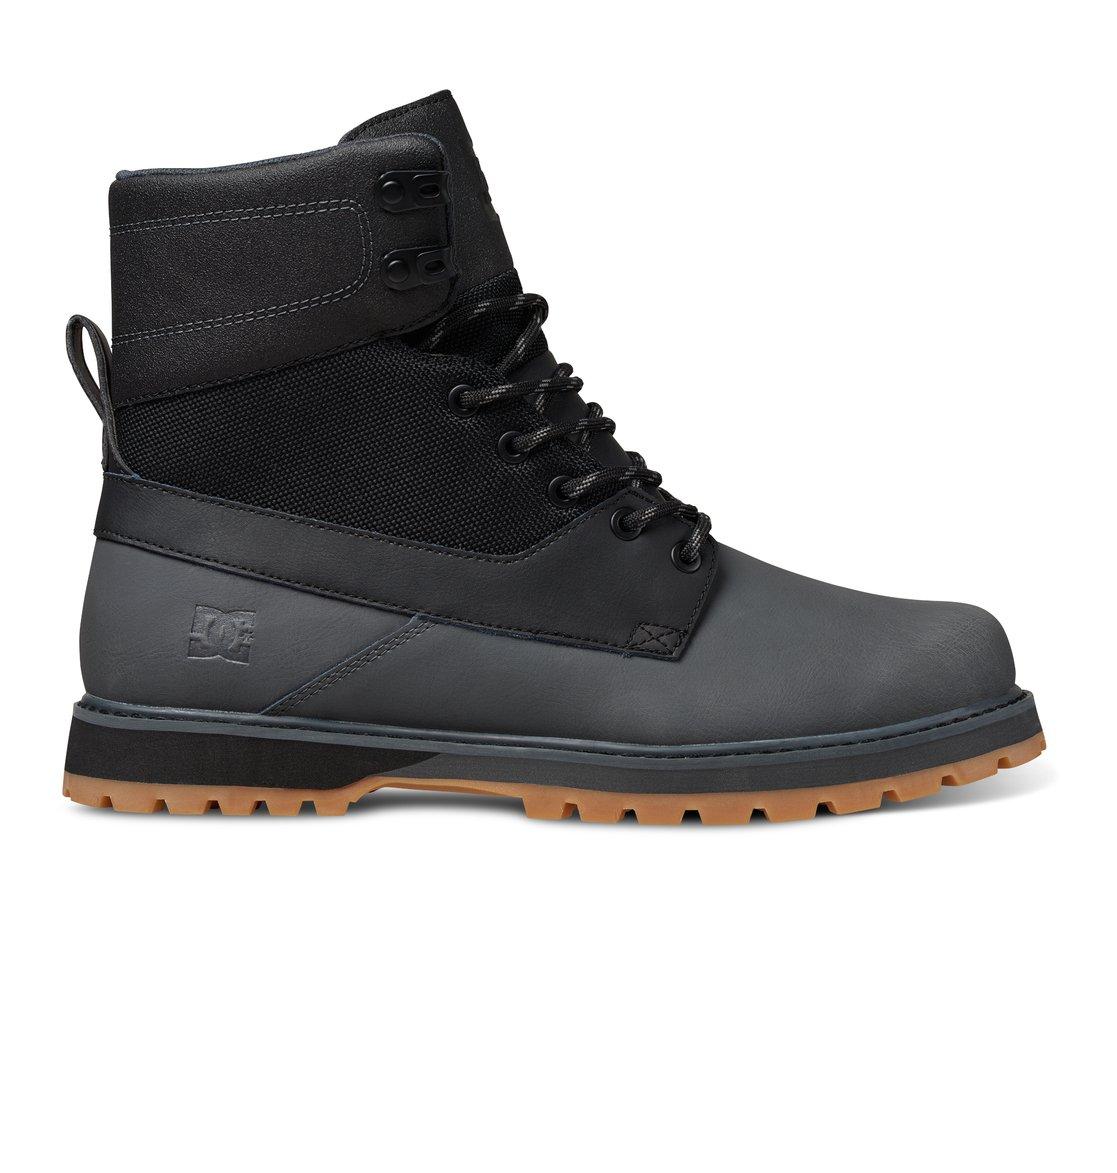 8d2cb883189 Uncas Lace Up Boots